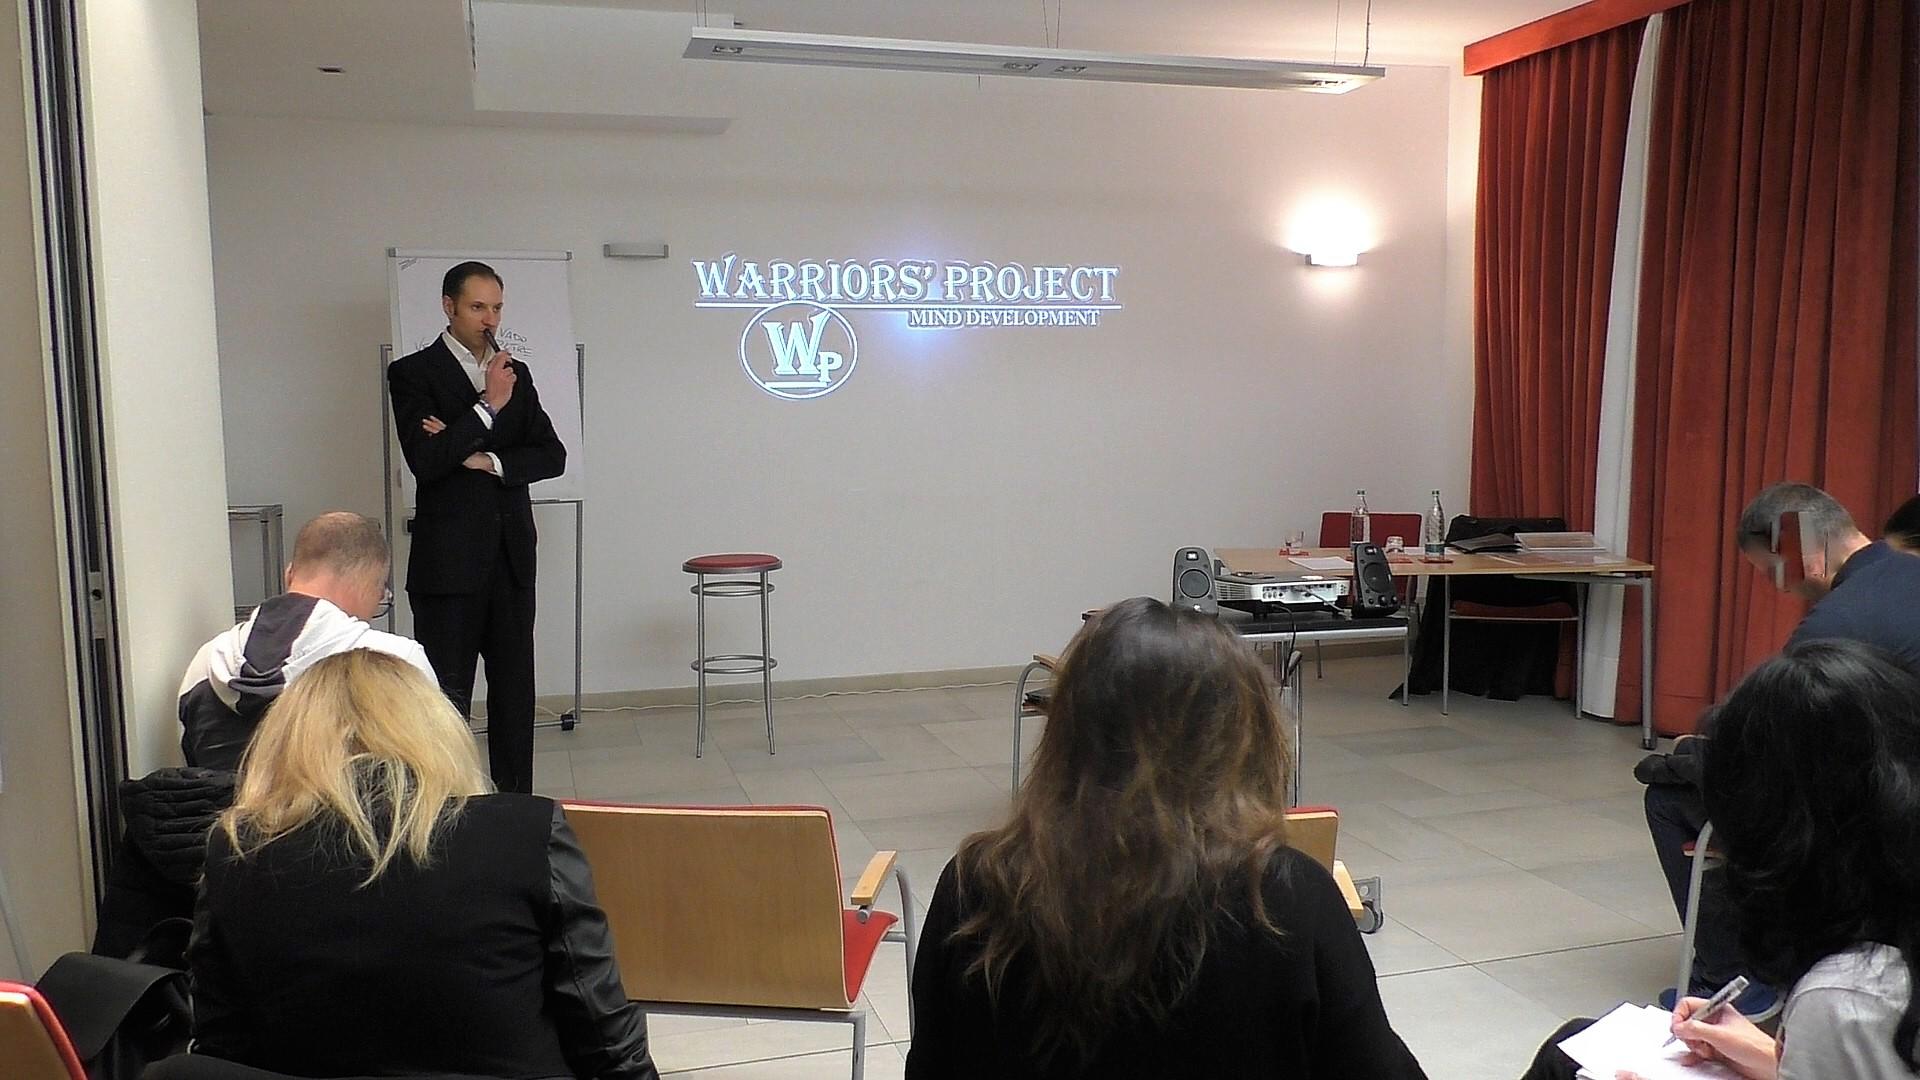 warriorsproject-corso-di-formazione-gratuito-a-reggio-emilia-autostima-e-come-gestire-le-proprie-emozioni-vincenzo-cento-parma-leadership-crescita-personale-professionale